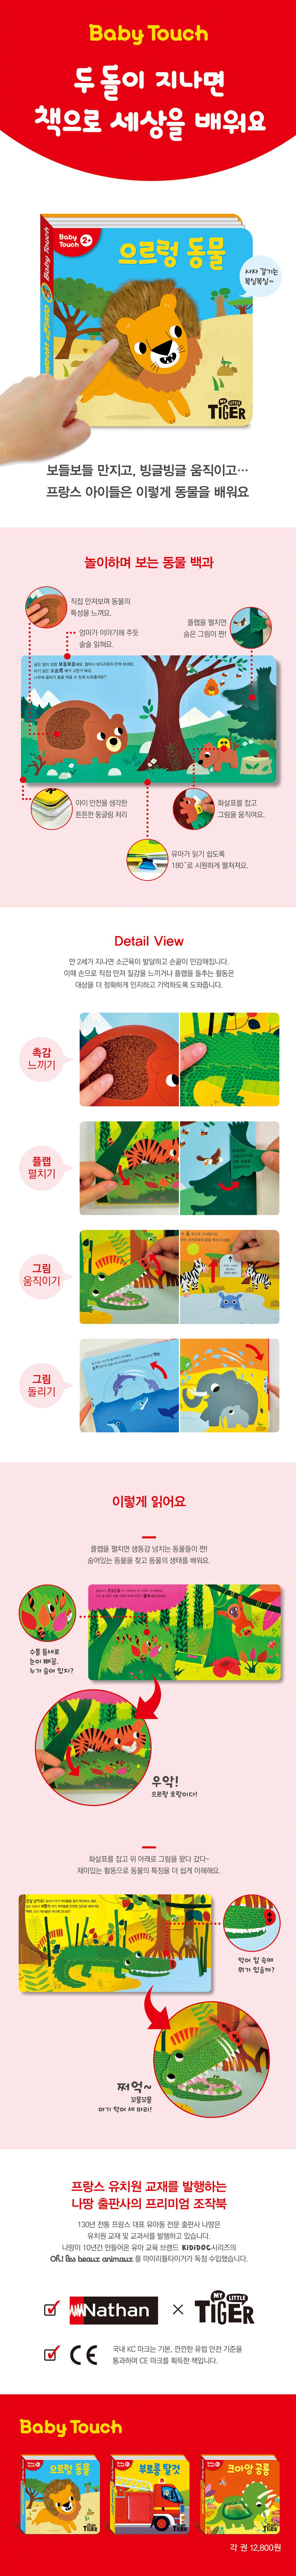 삼성출판사 [Baby Touch]촉감책 시리즈(동물/탈것/공룡)/촉감책